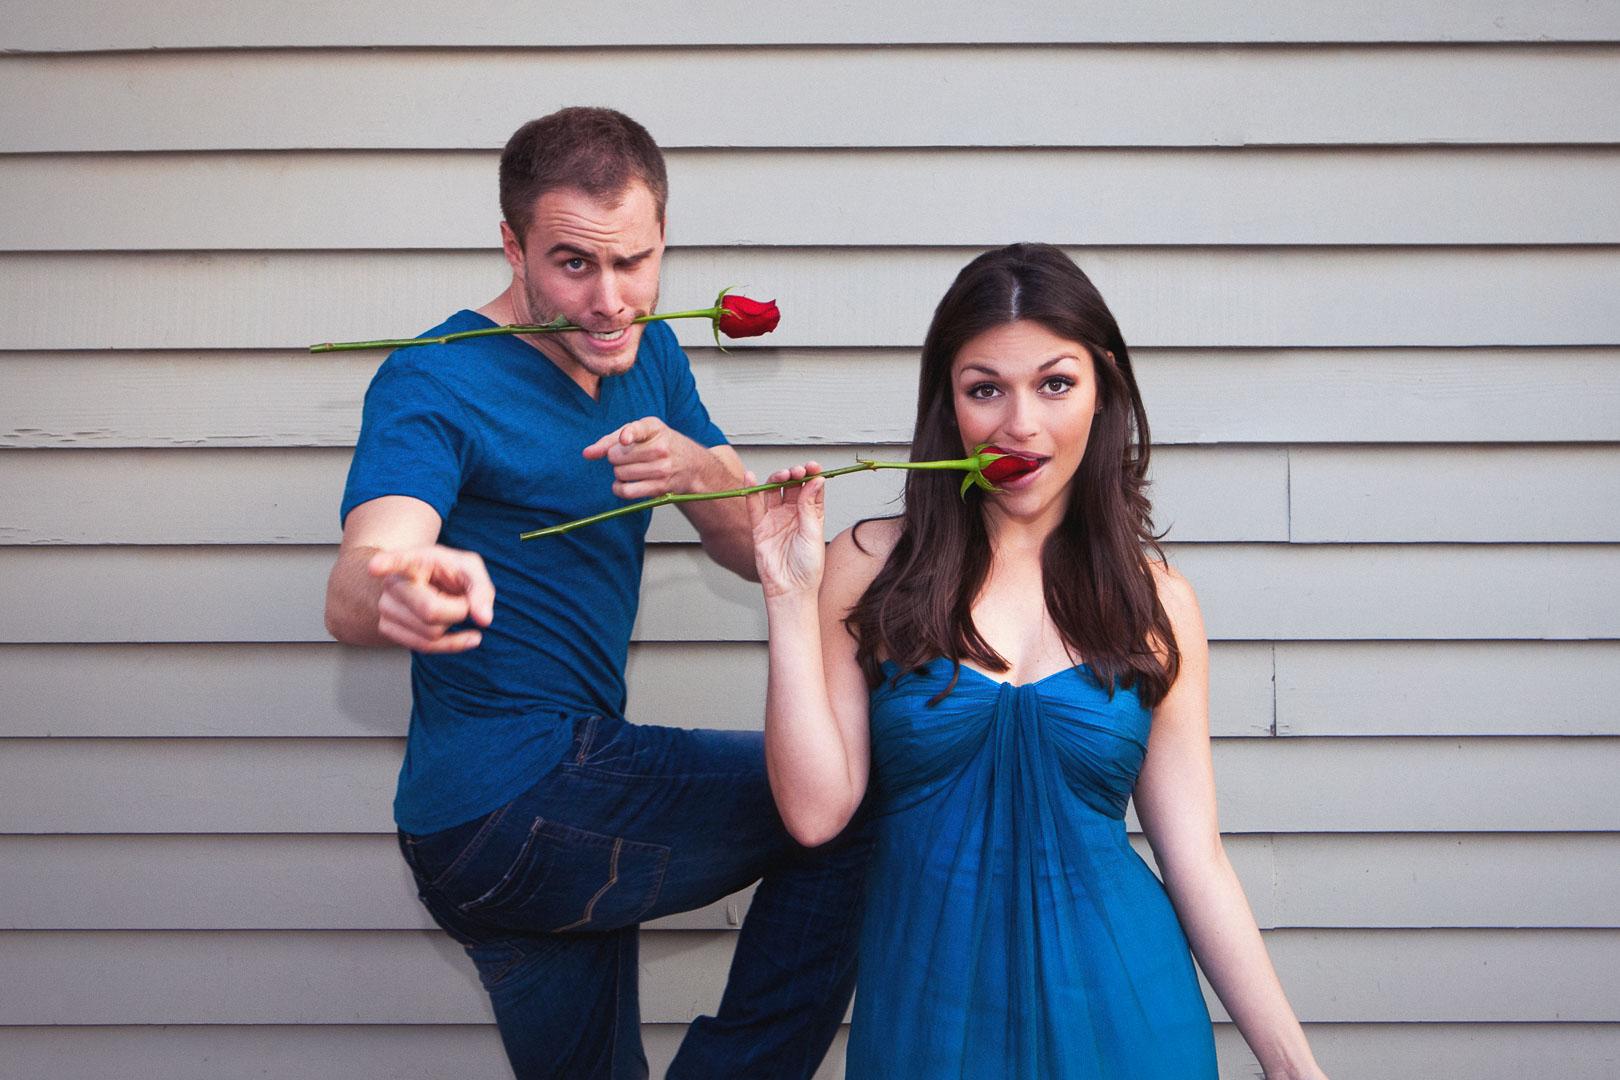 The Bachelorette: DeAnna Pappas